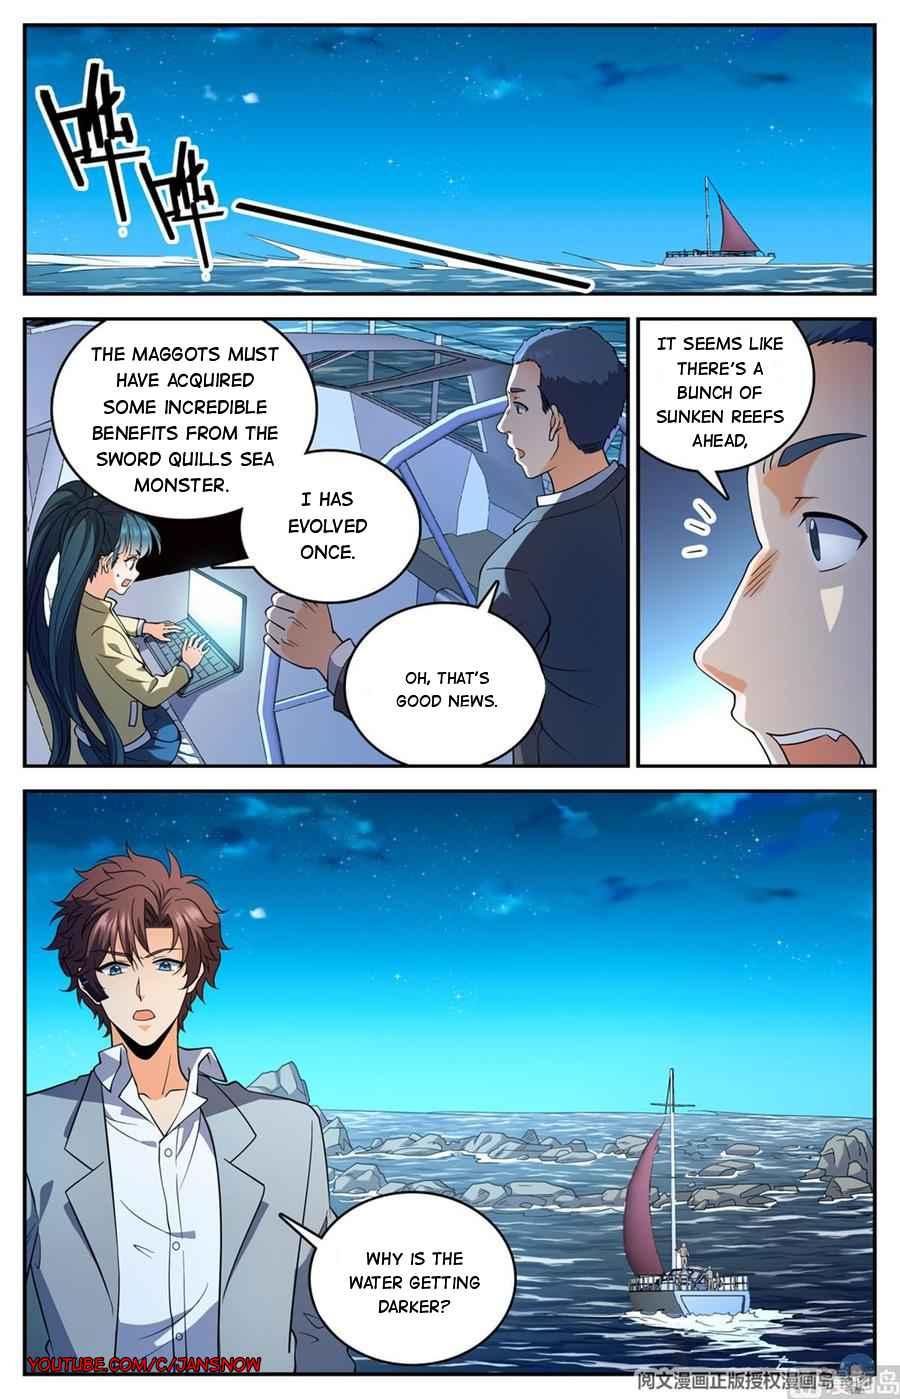 Versatile Mage - chapter 648-eng-li